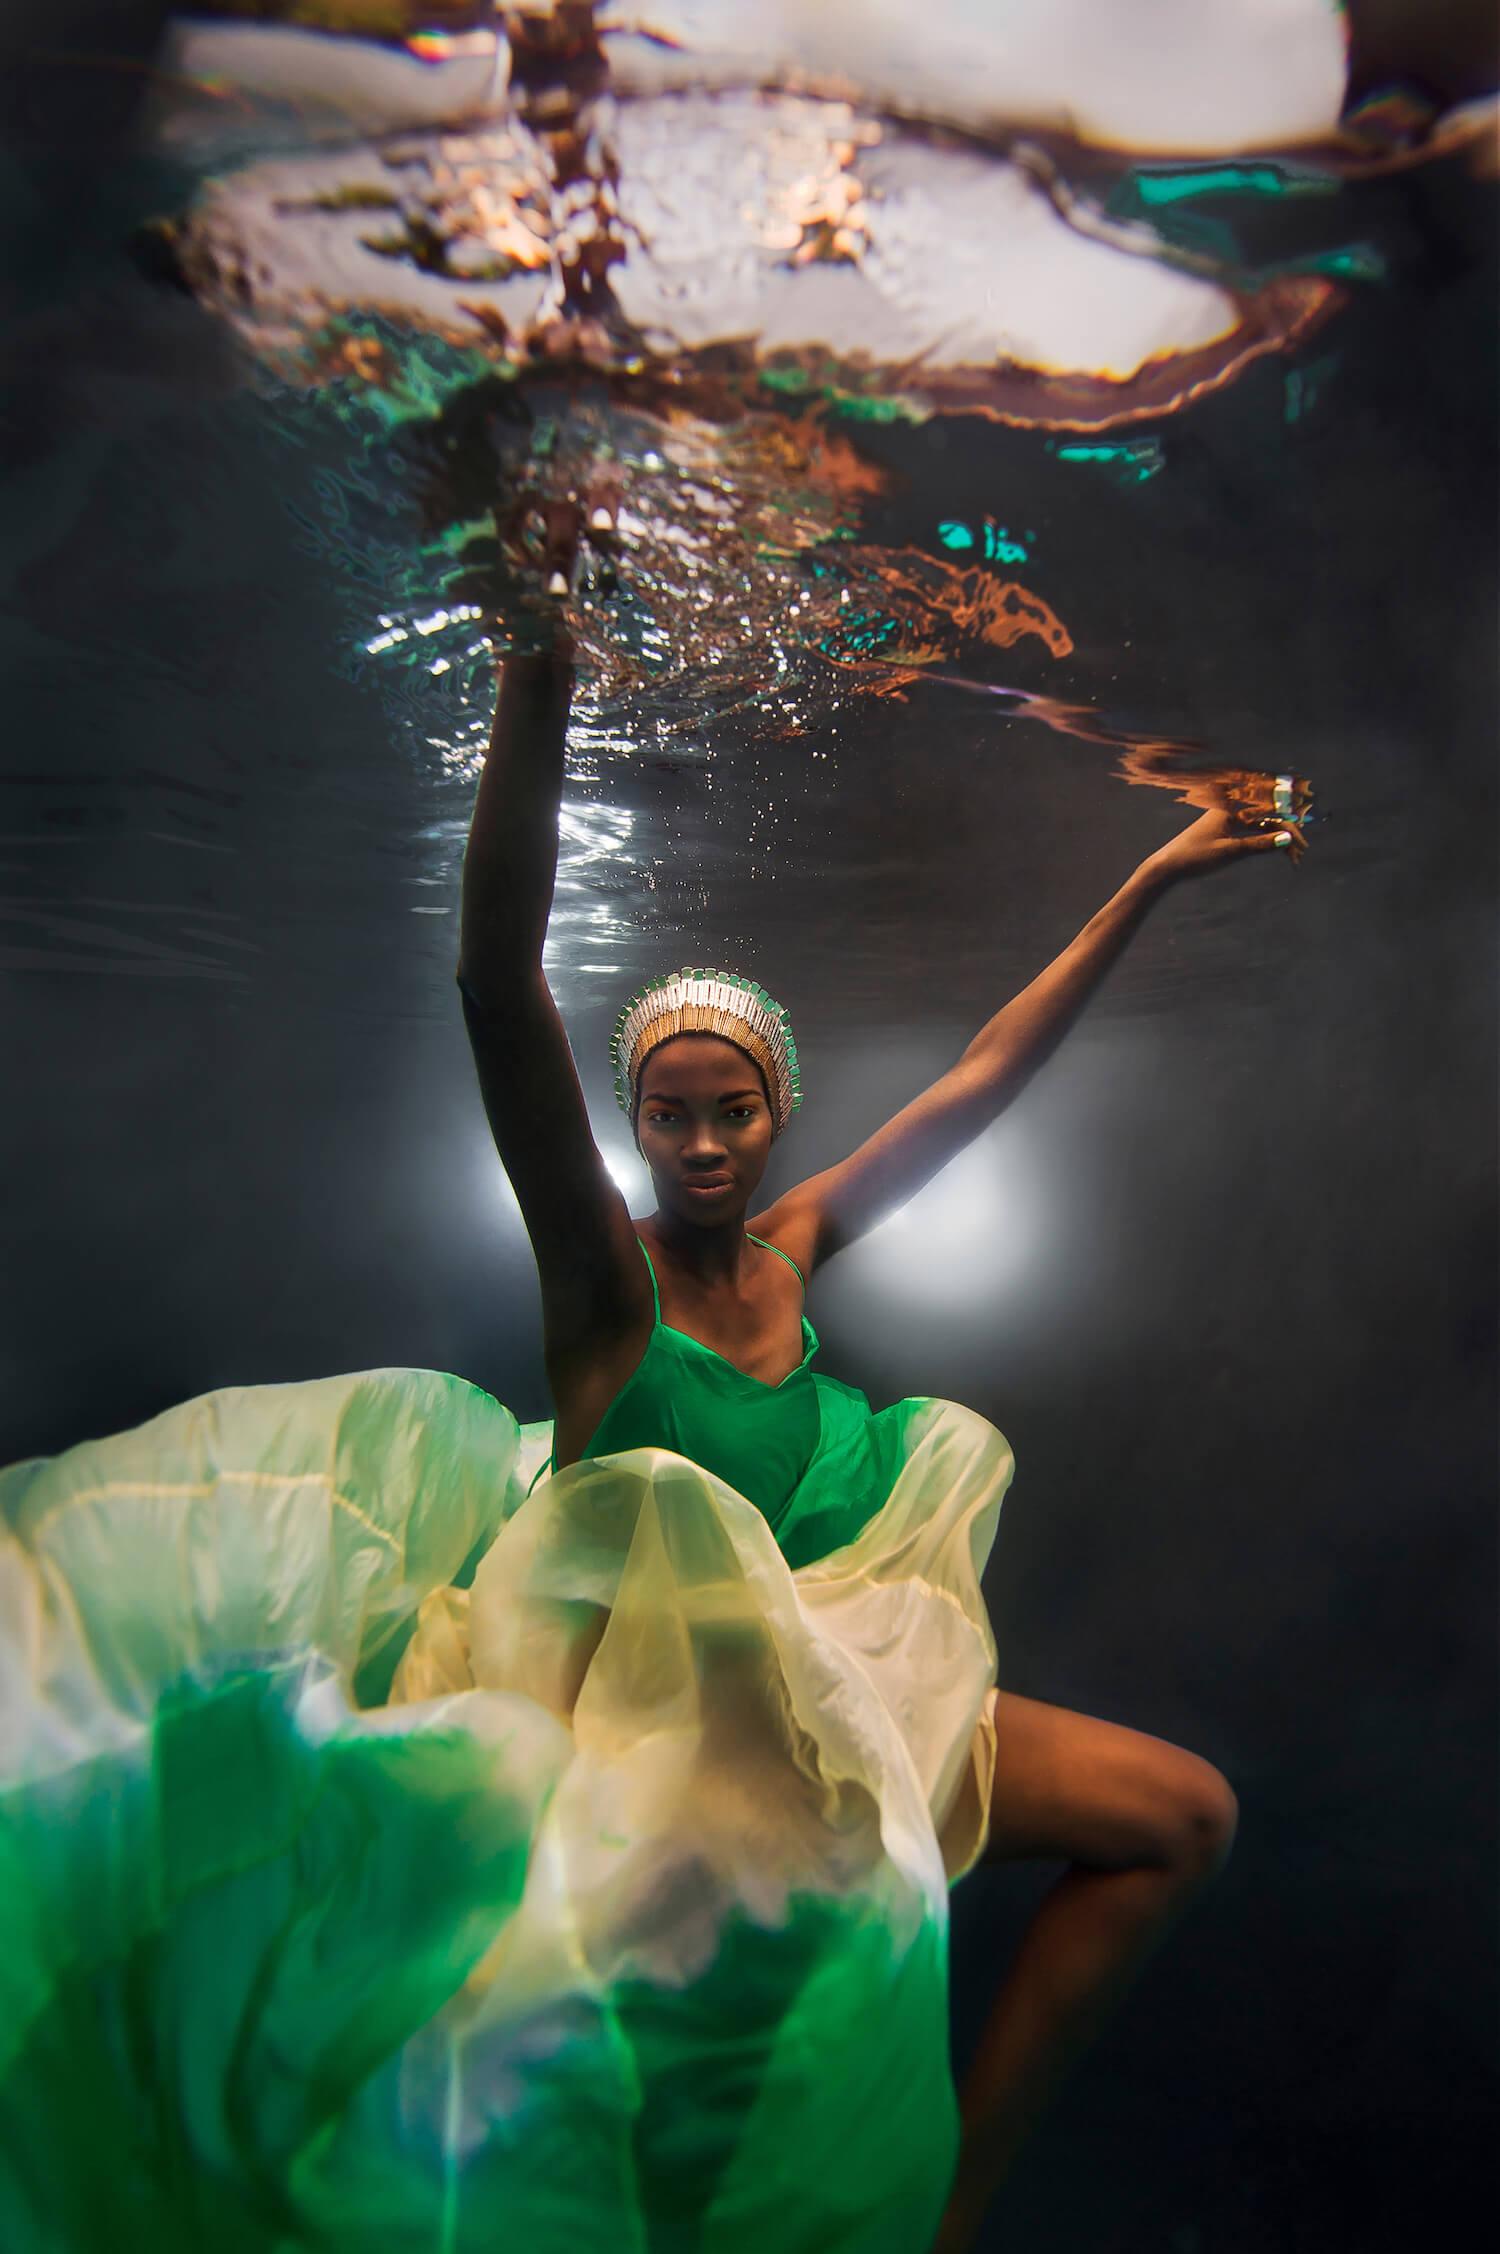 Ilse Moore underwater commercial advertising_002.jpg